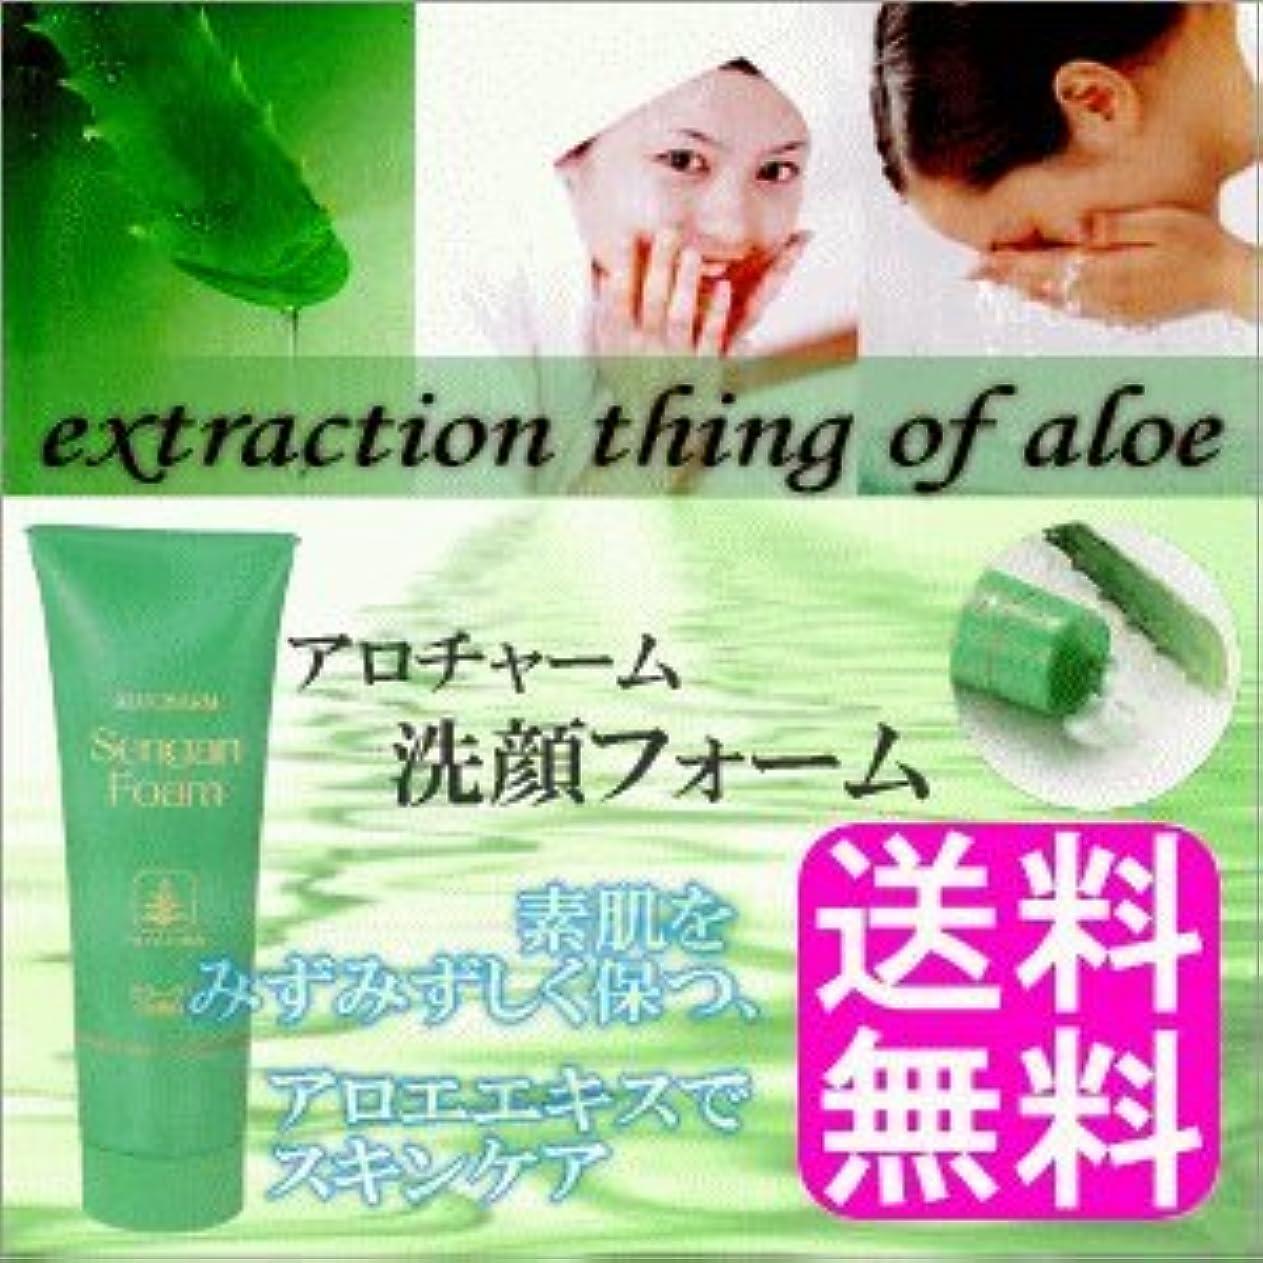 交渉するぶどう持っているアロチャーム 洗顔フォーム